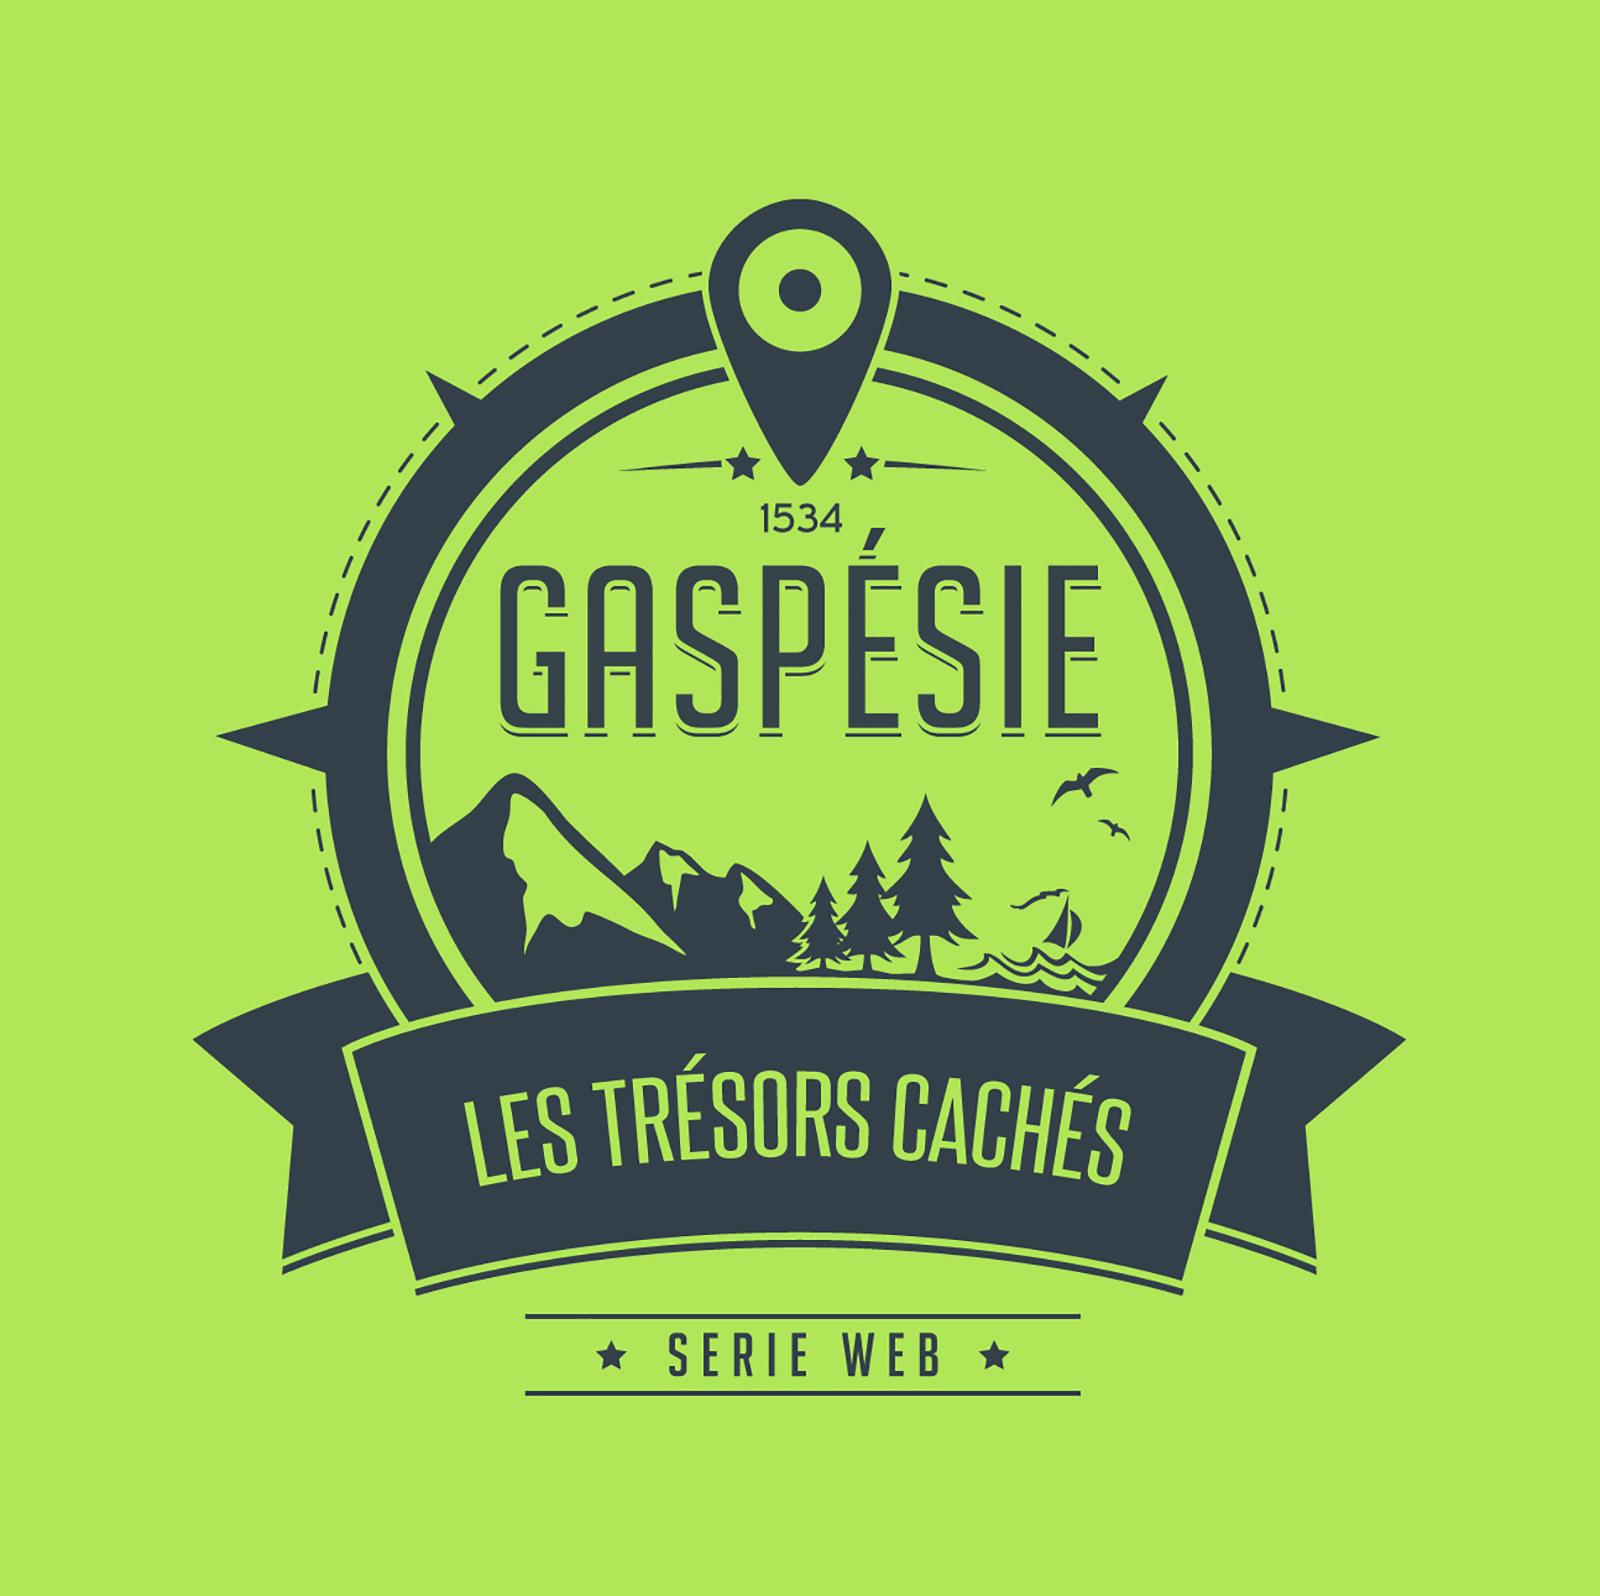 Création du logo des Trésors cachés de la Gaspésie